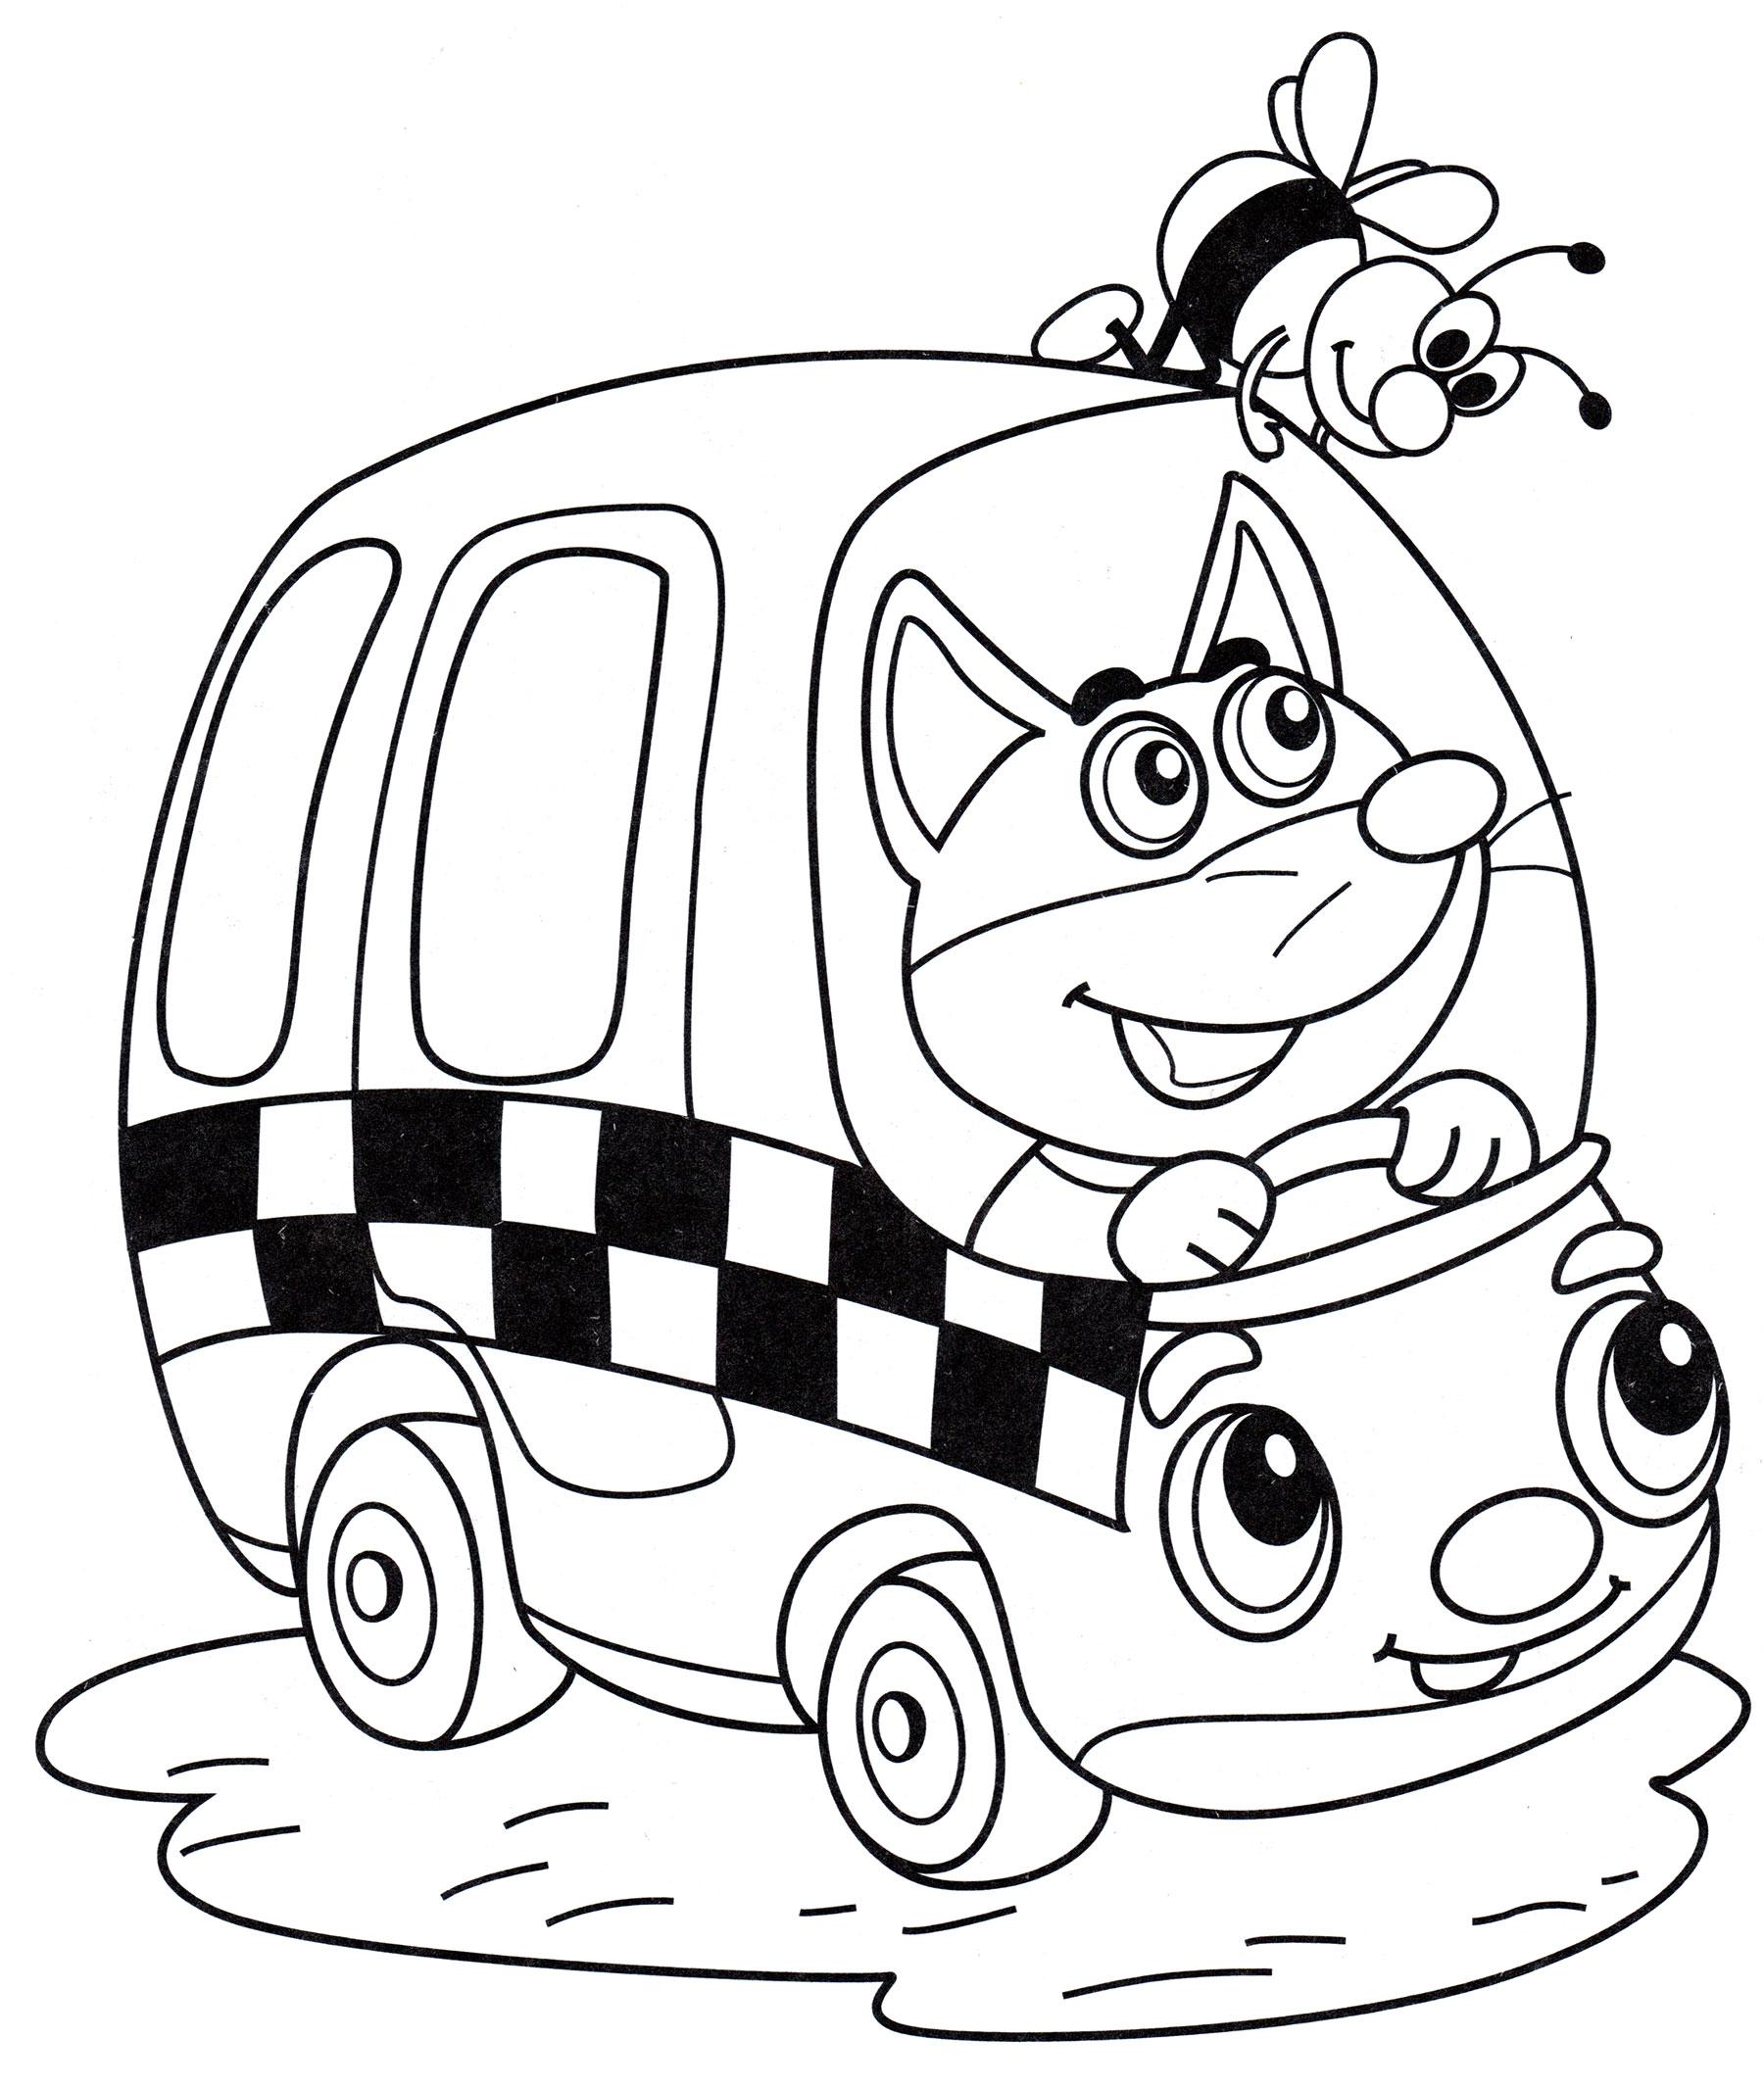 Раскраска Такси с лисенком - распечатать бесплатно